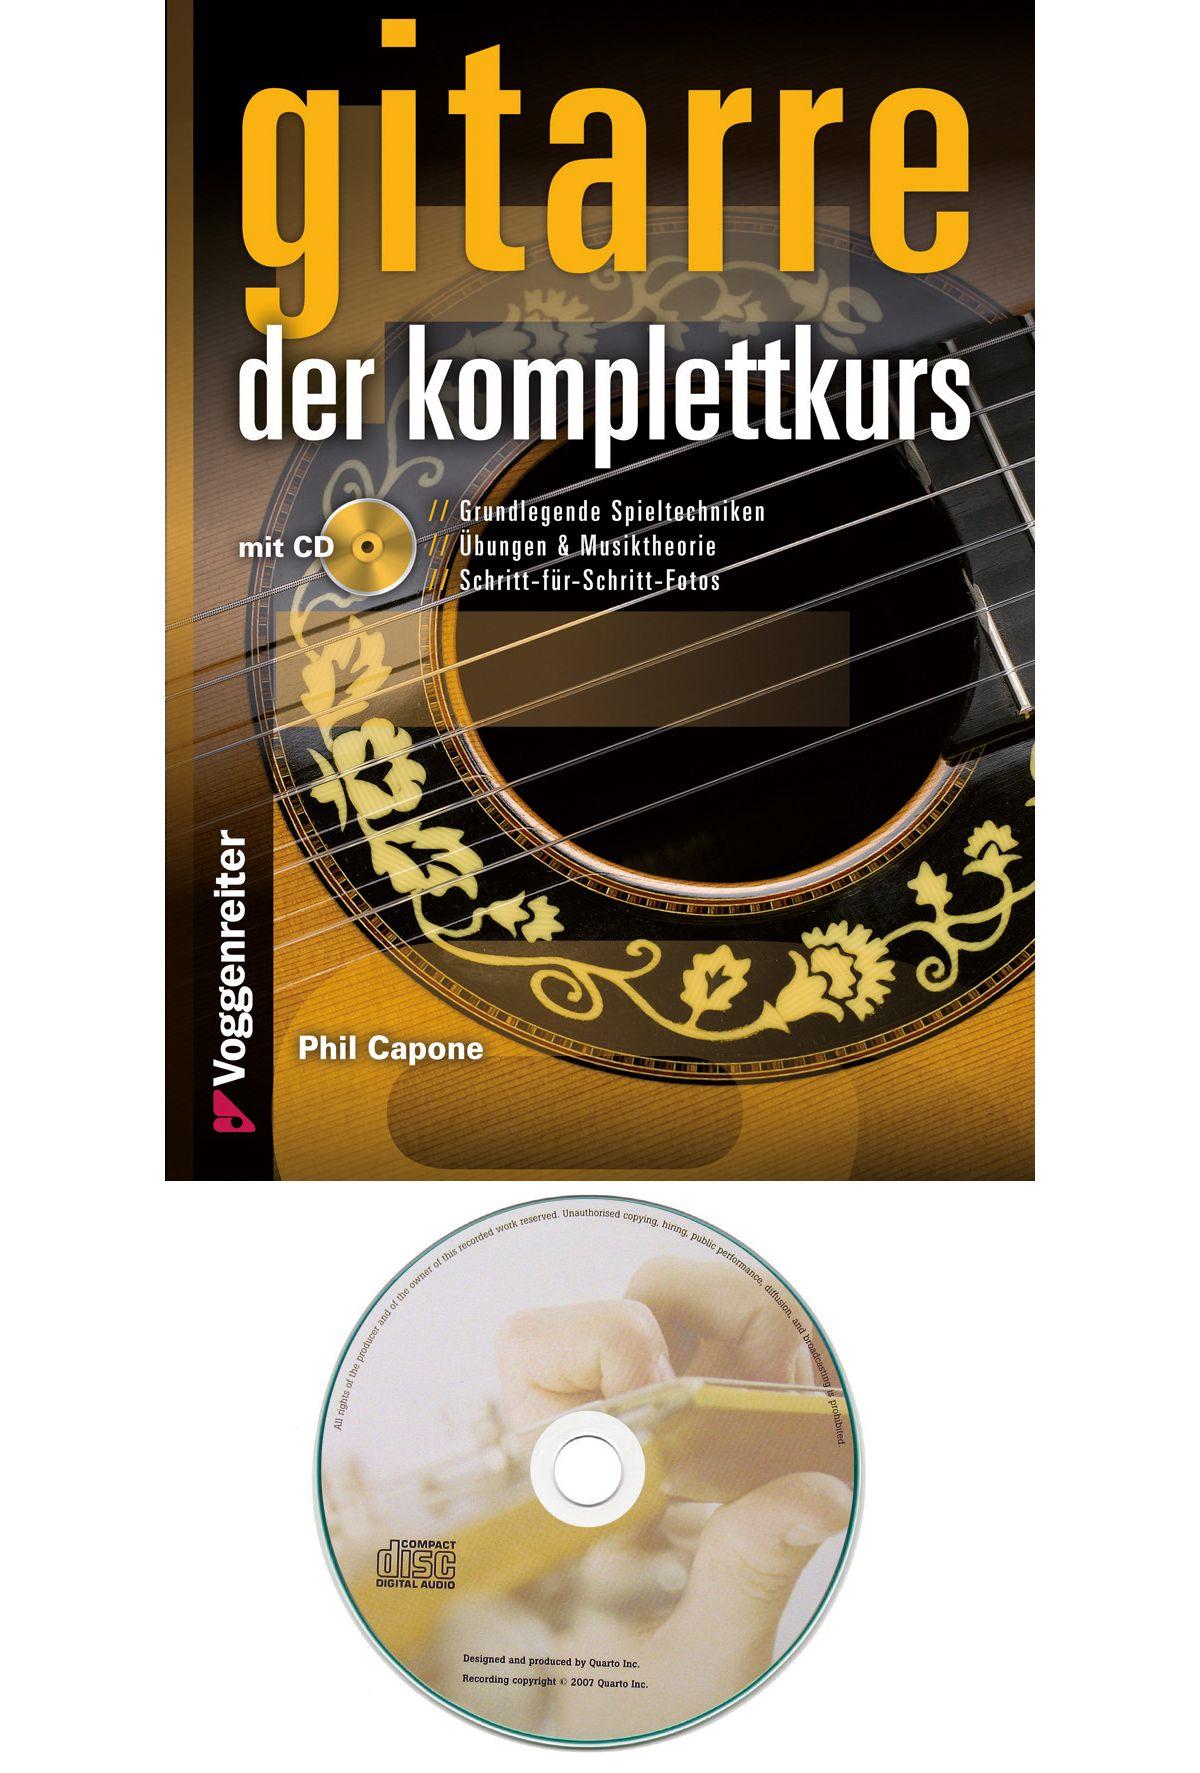 Voggenreiter Gitarrenbuch Gitarre Der Komplettkurs